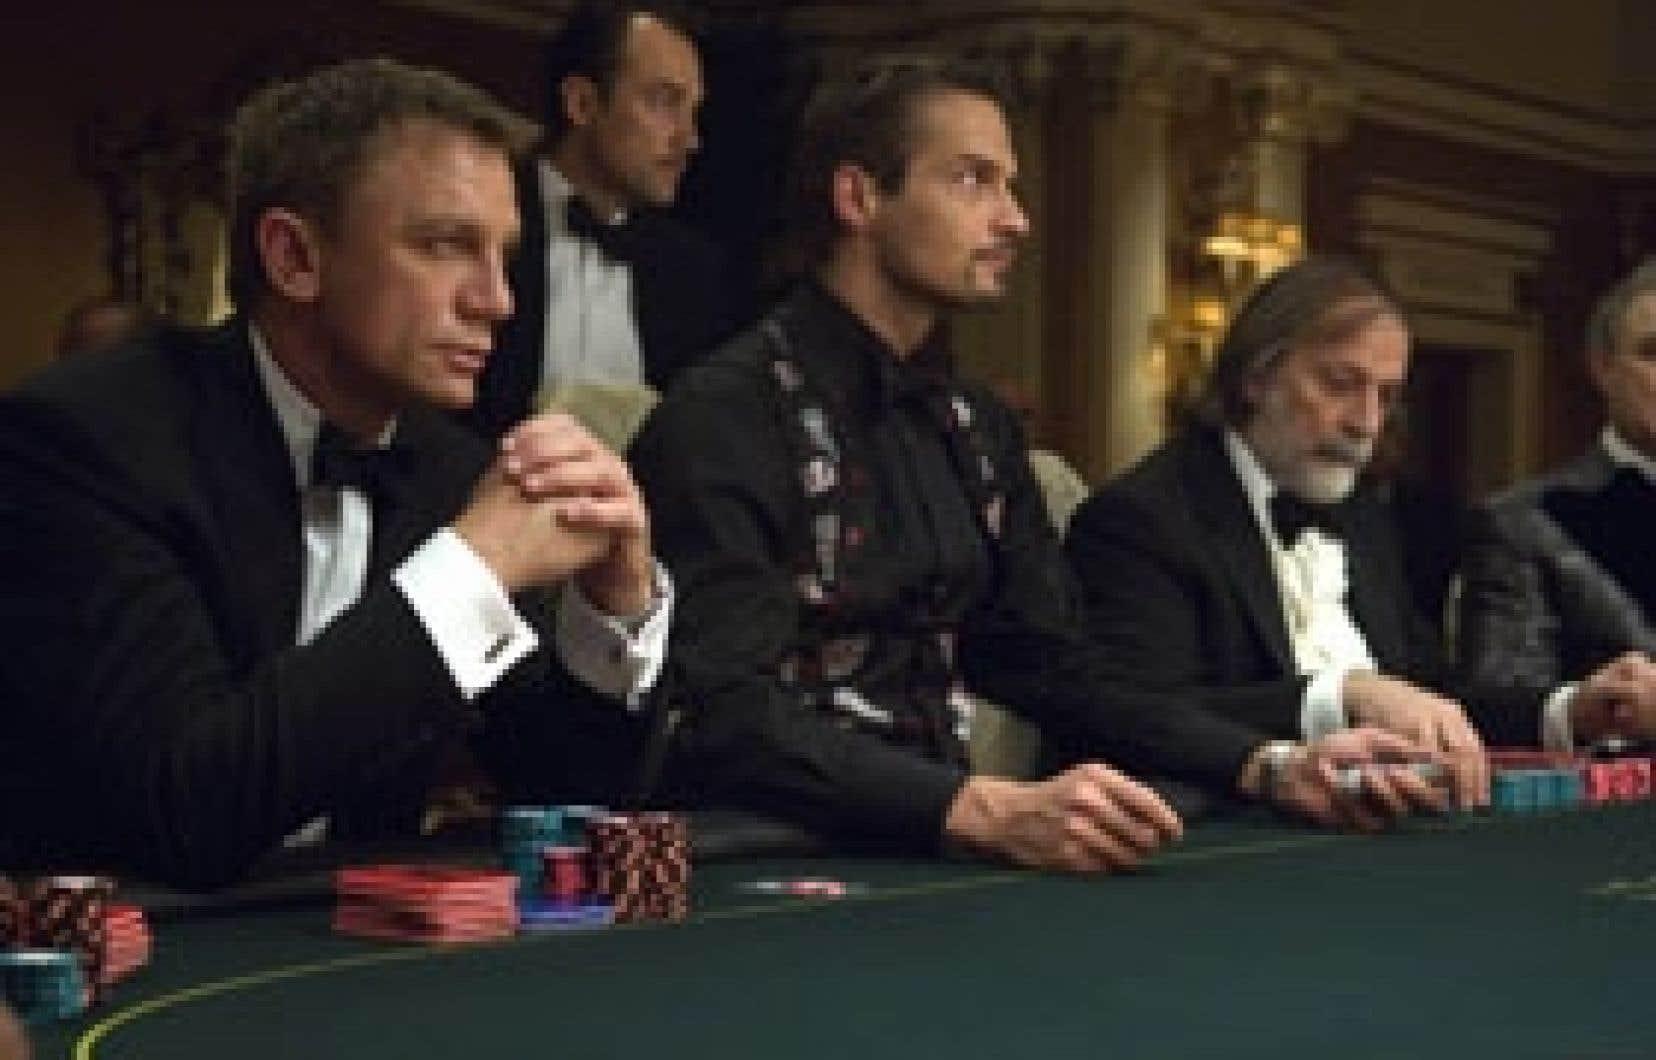 Après un règlement de comptes à Prague, une essoufflante poursuite dans un chantier à Madagascar et un possible attentat à l'aéroport de Miami, le film Casino Royale effectue une courageuse pause, décrivant dans le menu détail des parties de ca